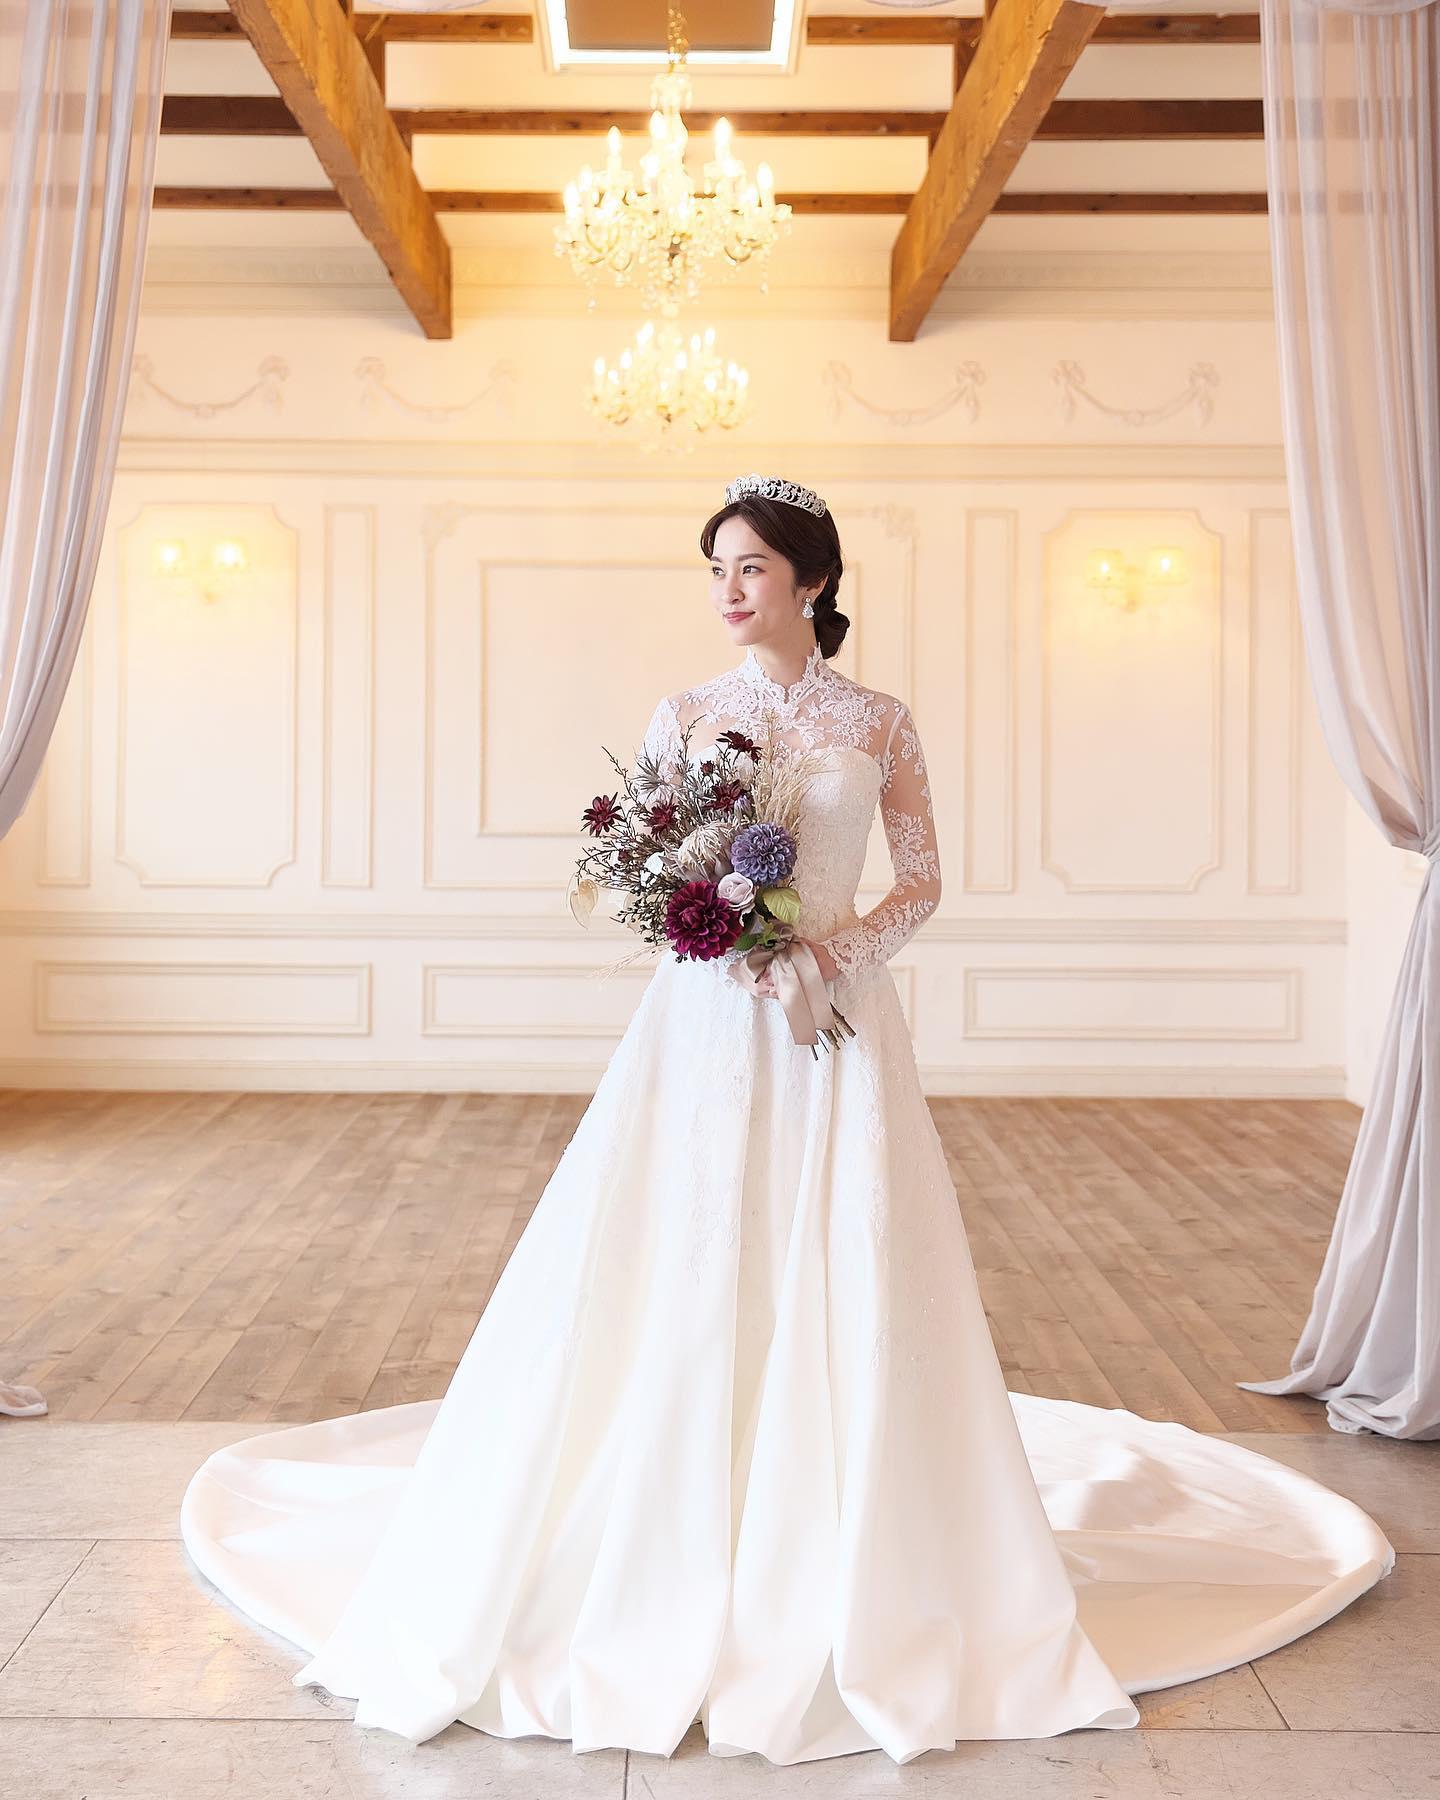 ・本日は @lovetiara.bridal さまの撮影の続きをご紹介こちらも当店のドレスをセレクトしていただきました・今回は #インポートドレス レンタル料金:168,000円お袖を付けてアレンジ致しました❣️お袖アレンジ料金:+10,000円・ブライダルヒロでは様々なドレスのカスタマイズが可能です花嫁様のご希望に合わせてご提案させていただきますのでどんな事でもご相談下さいませ・Special thanksaccessory @lovetiara.bridal model @mako__sato photographer @artephoto_meghair make @mika.mydresser bouquet @le_bourgeon_bouquet ・#wedding #weddingdress #bridalhiro #lovetiara #ウェディングドレス #プレ花嫁 #ドレス試着 #2021夏婚 #2021冬婚 #ヘアメイク #結婚式  #ドレス選び #前撮り #後撮り #フォトウェディング #ウェディングヘア  #フォト婚 #前撮り写真 #ブライダルフォト #カップルフォト #ウェディングドレス探し #ウェディングドレス試着 #レンタルドレス #ドレスショップ #家族婚 #ブライダルヒロ #ゼクシィ #ラブティアラ